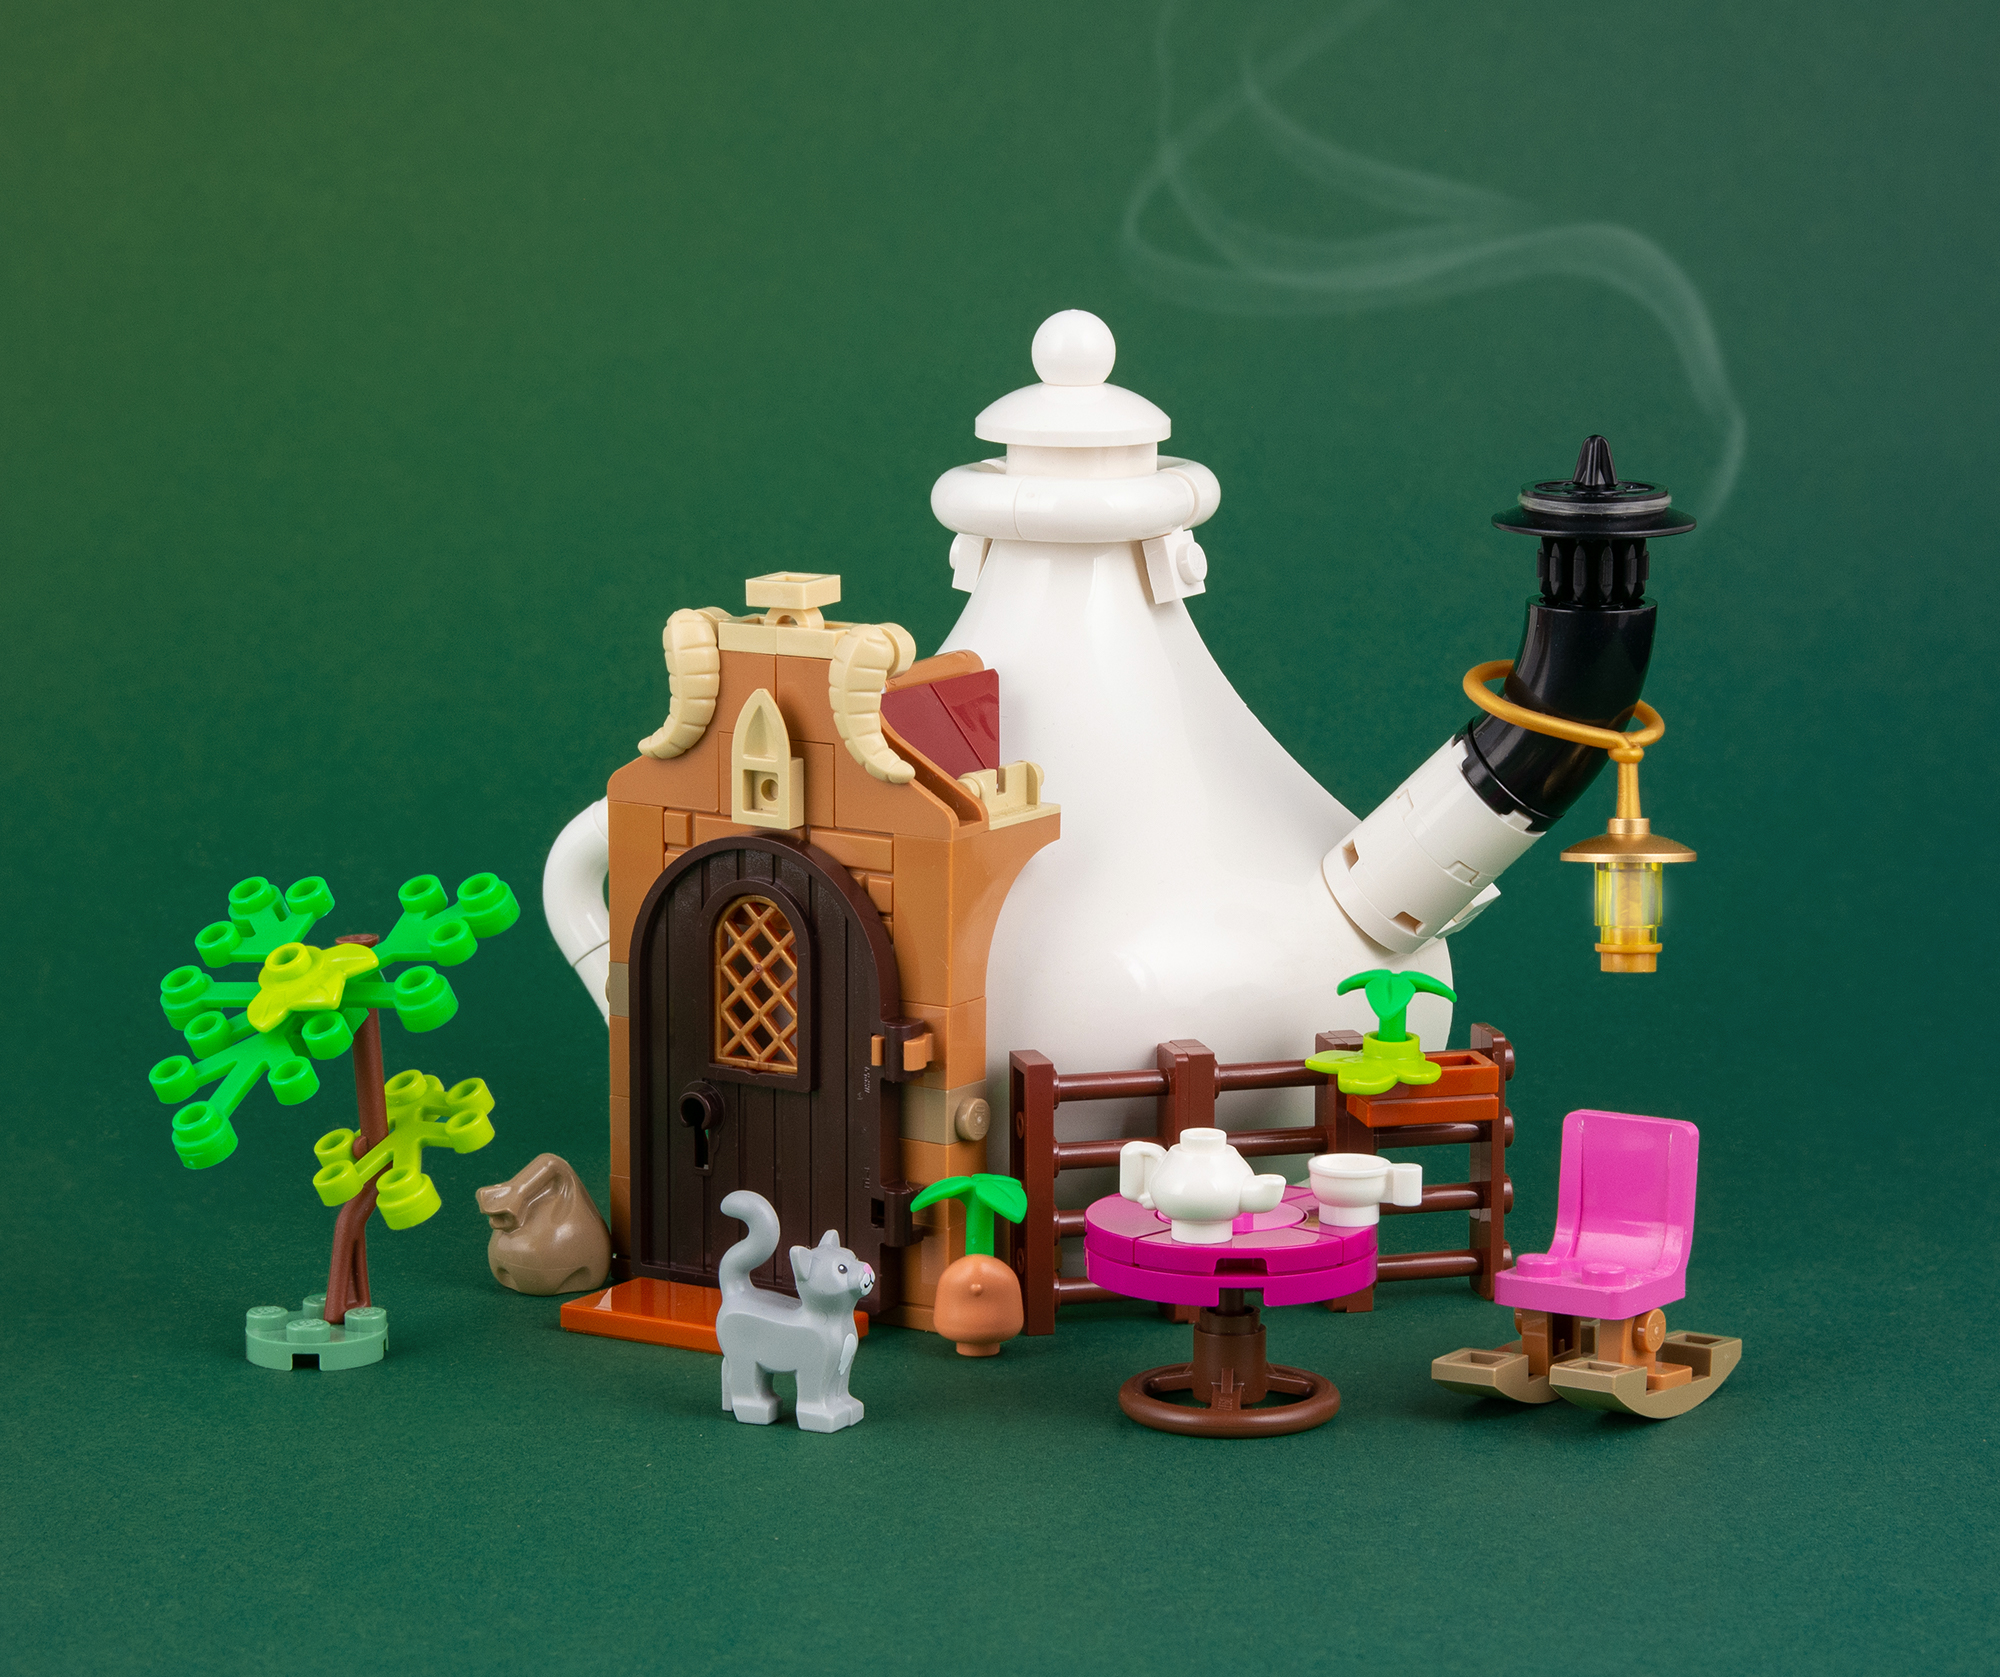 LEGO Teekannen Haus 02 2000